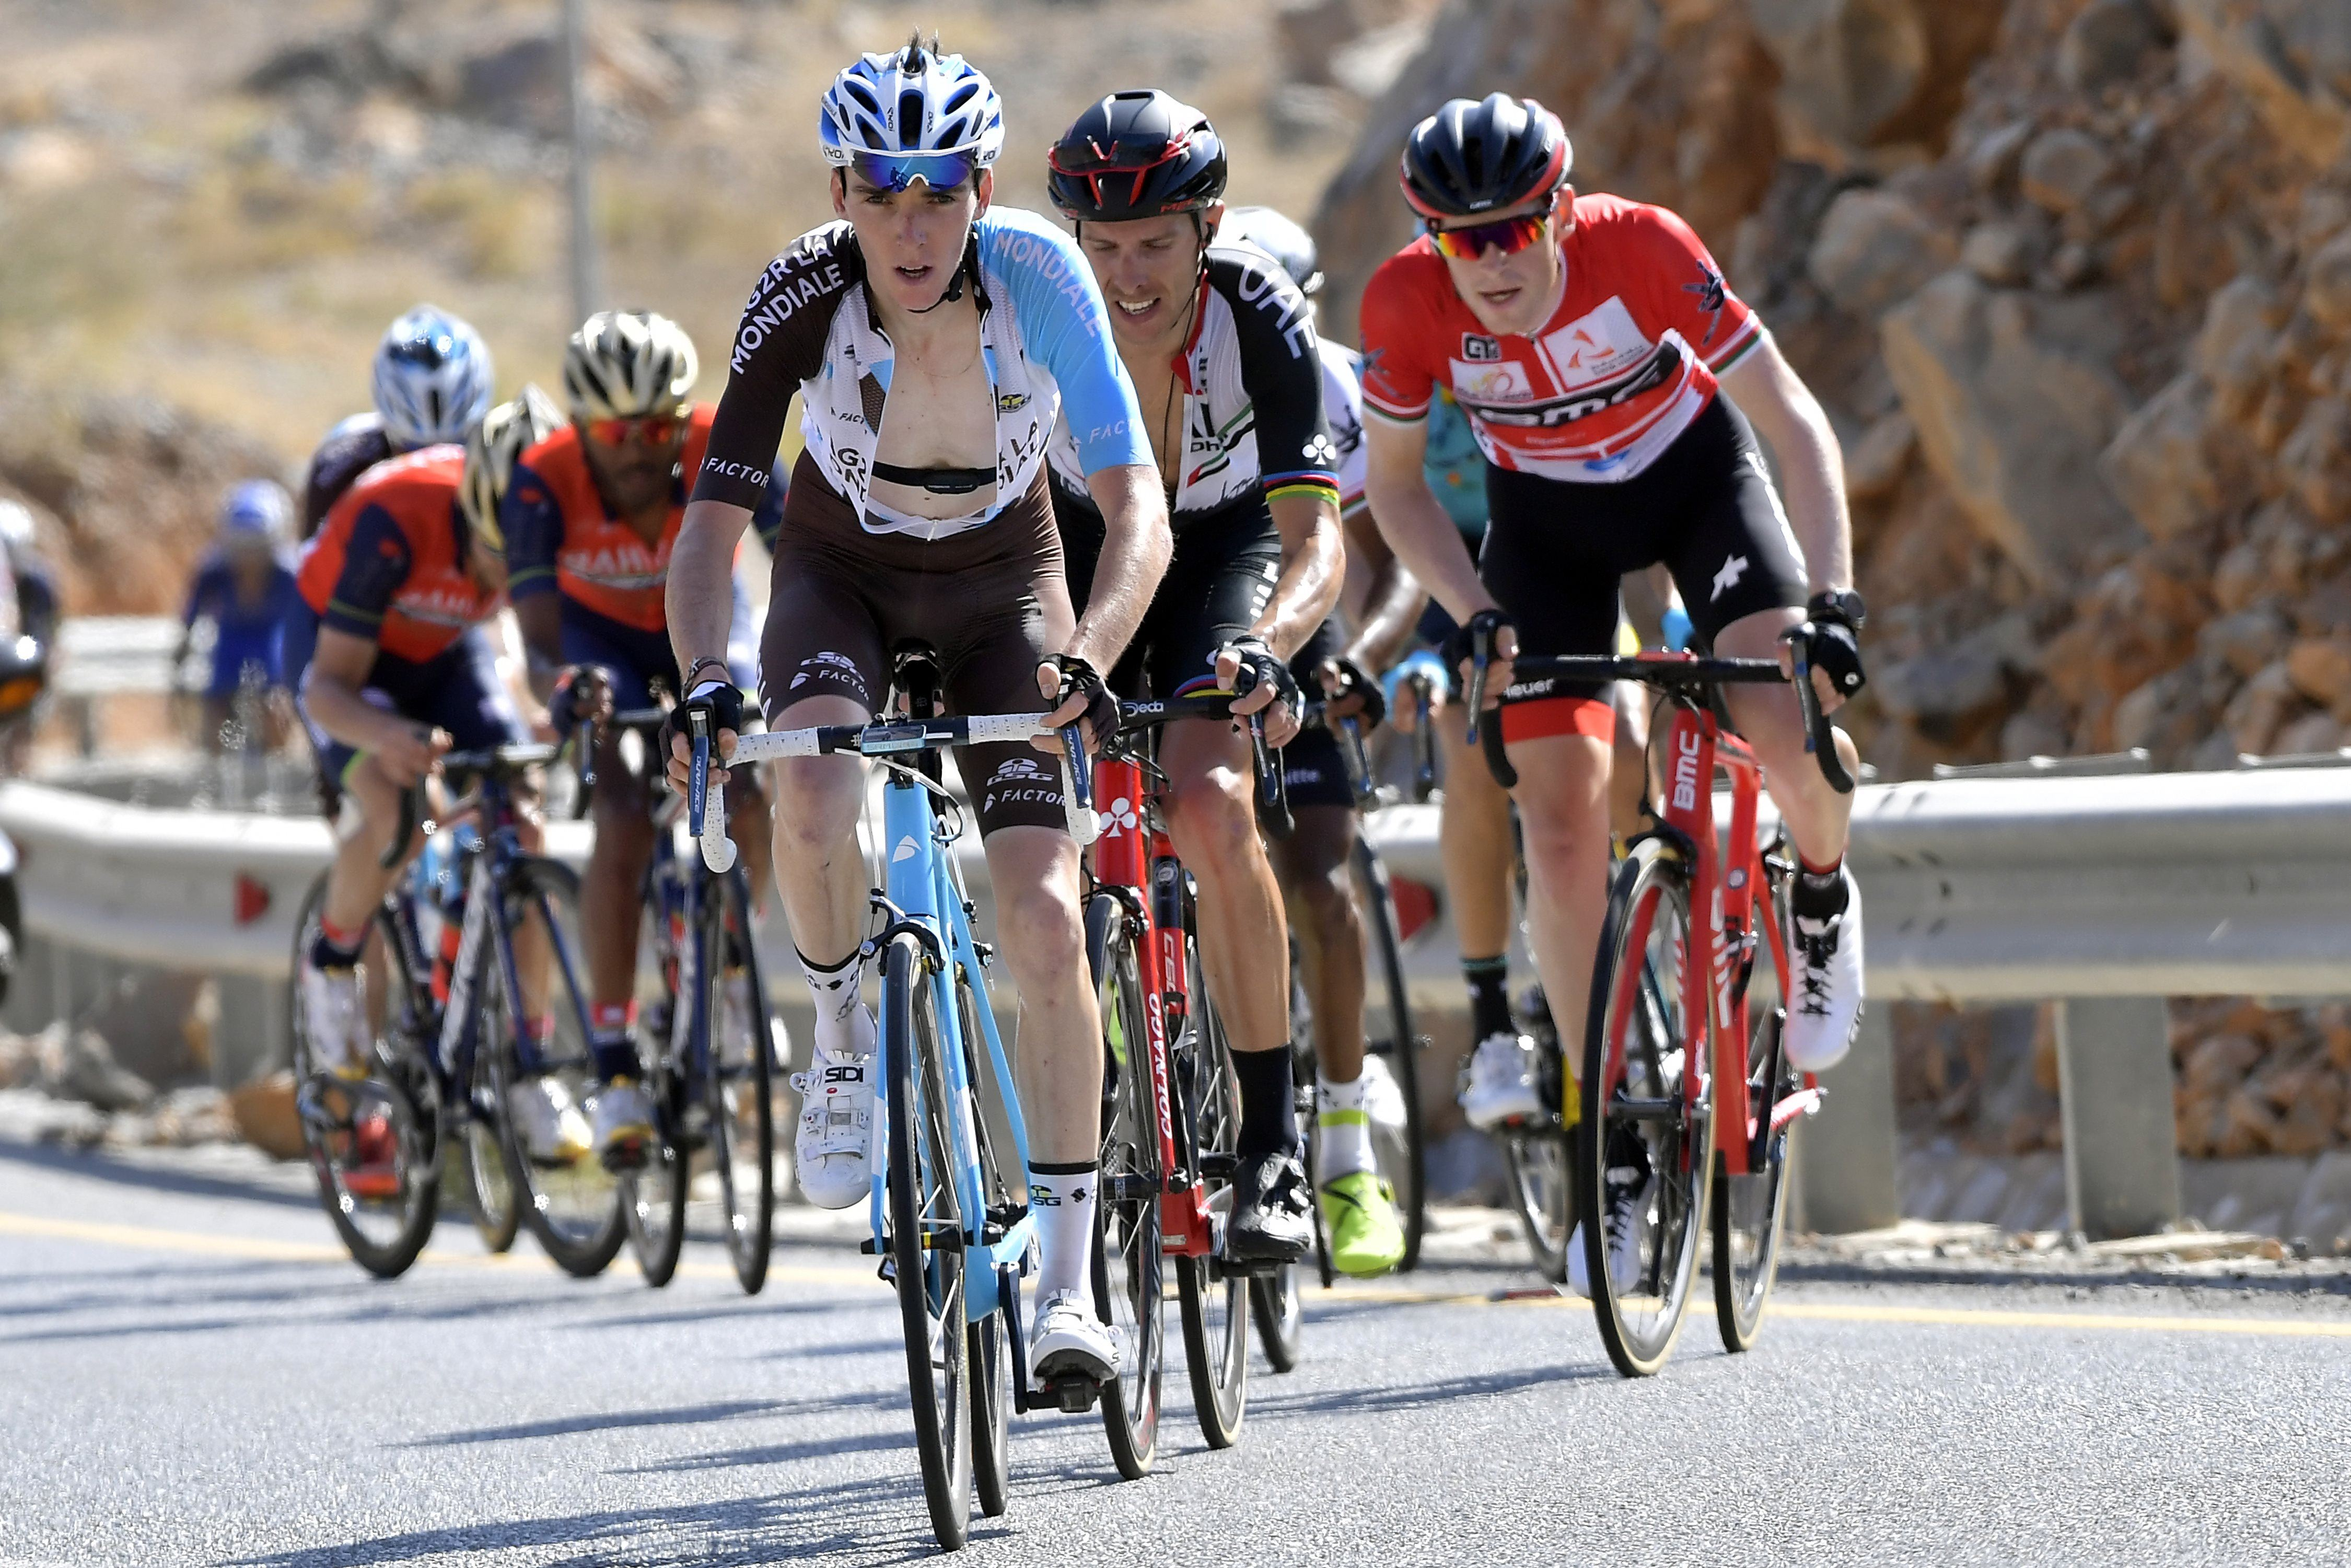 Cycliste Image les 7 duels excitants de la saison cycliste - cyclisme